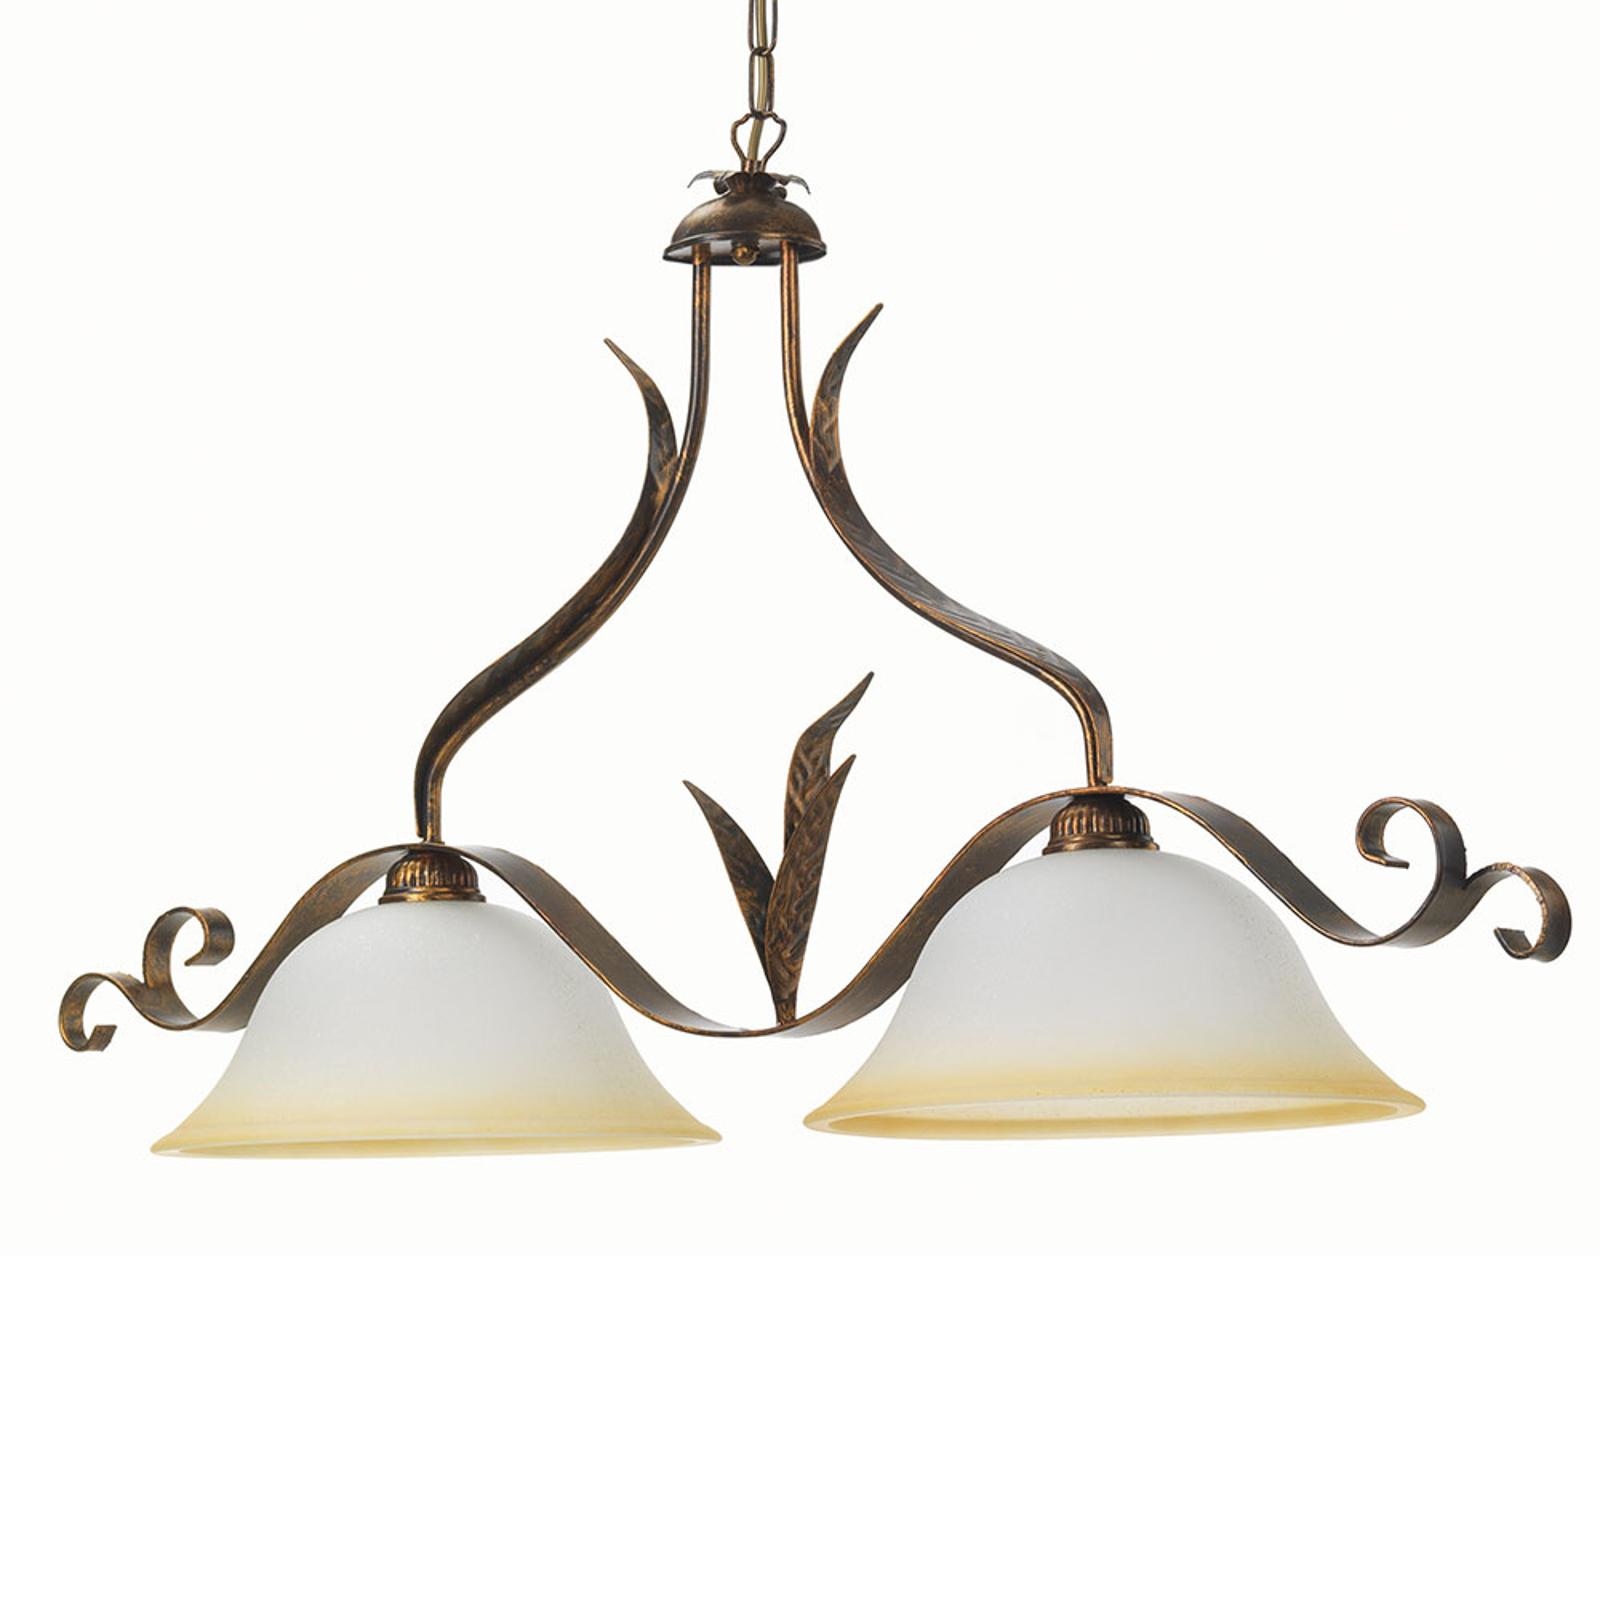 Lampa wisząca Biliardo 2-punktowa, kremowy/brązowy